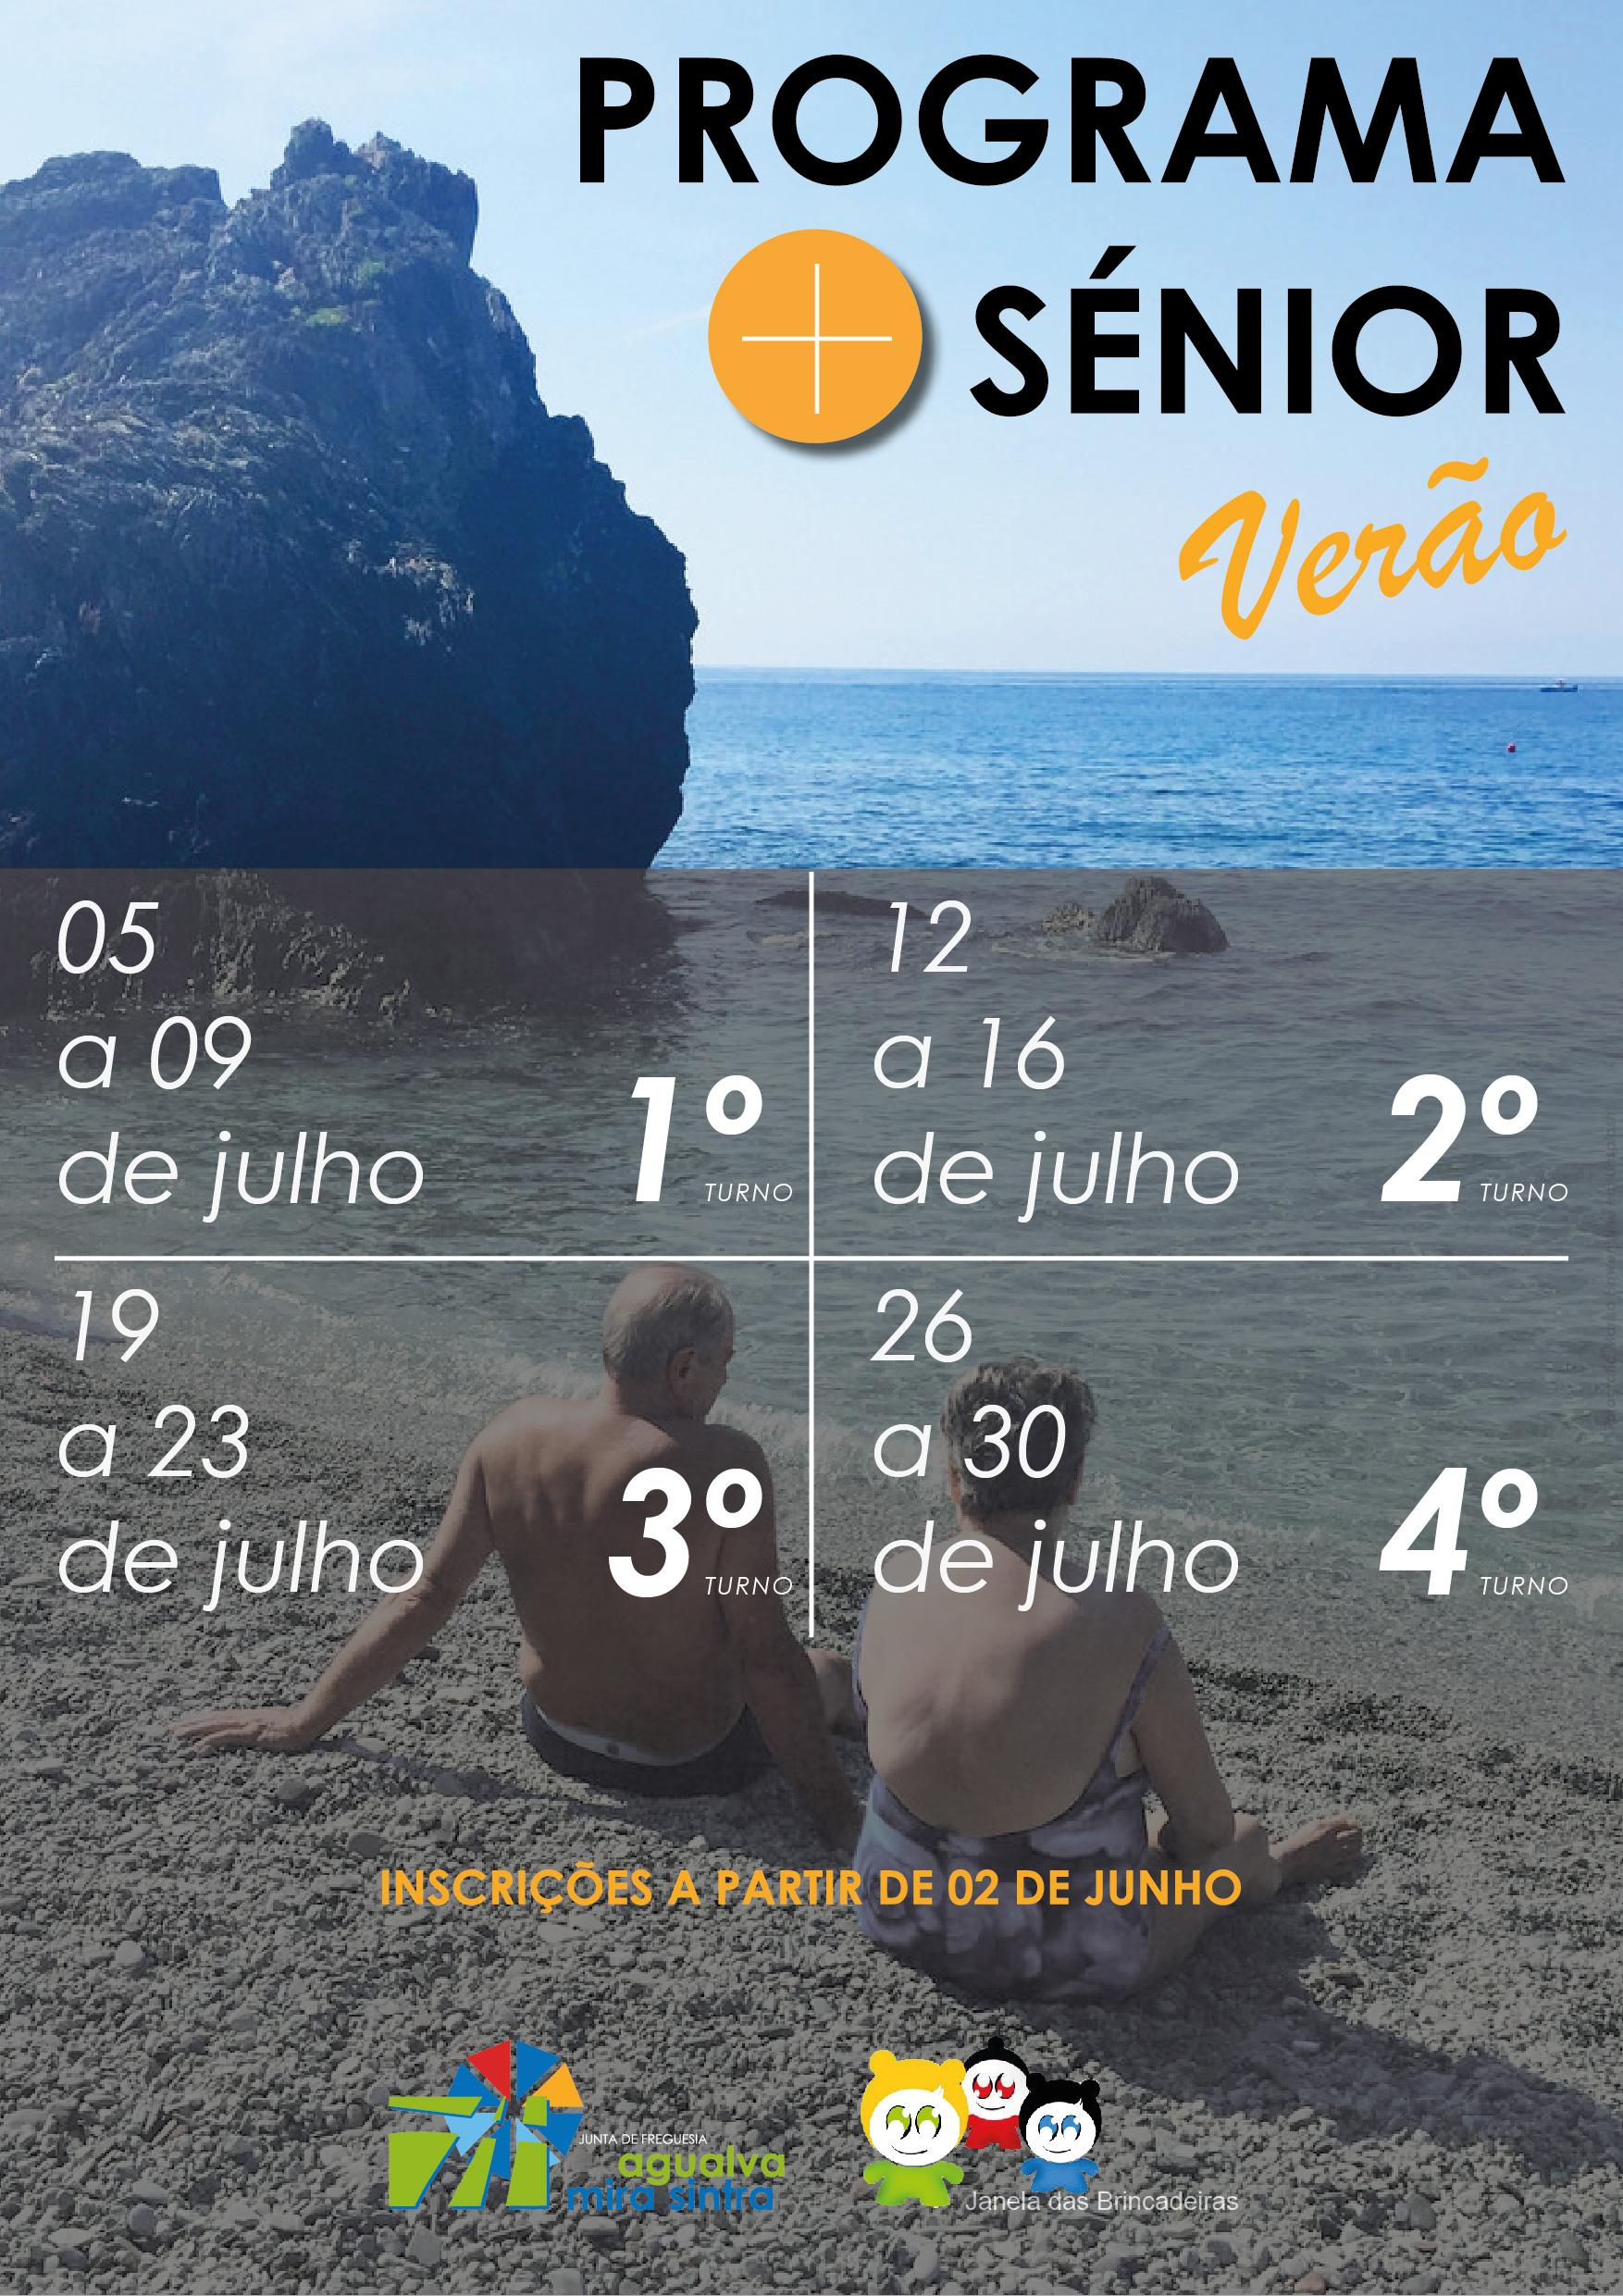 INFO | Programa +Sénior verão